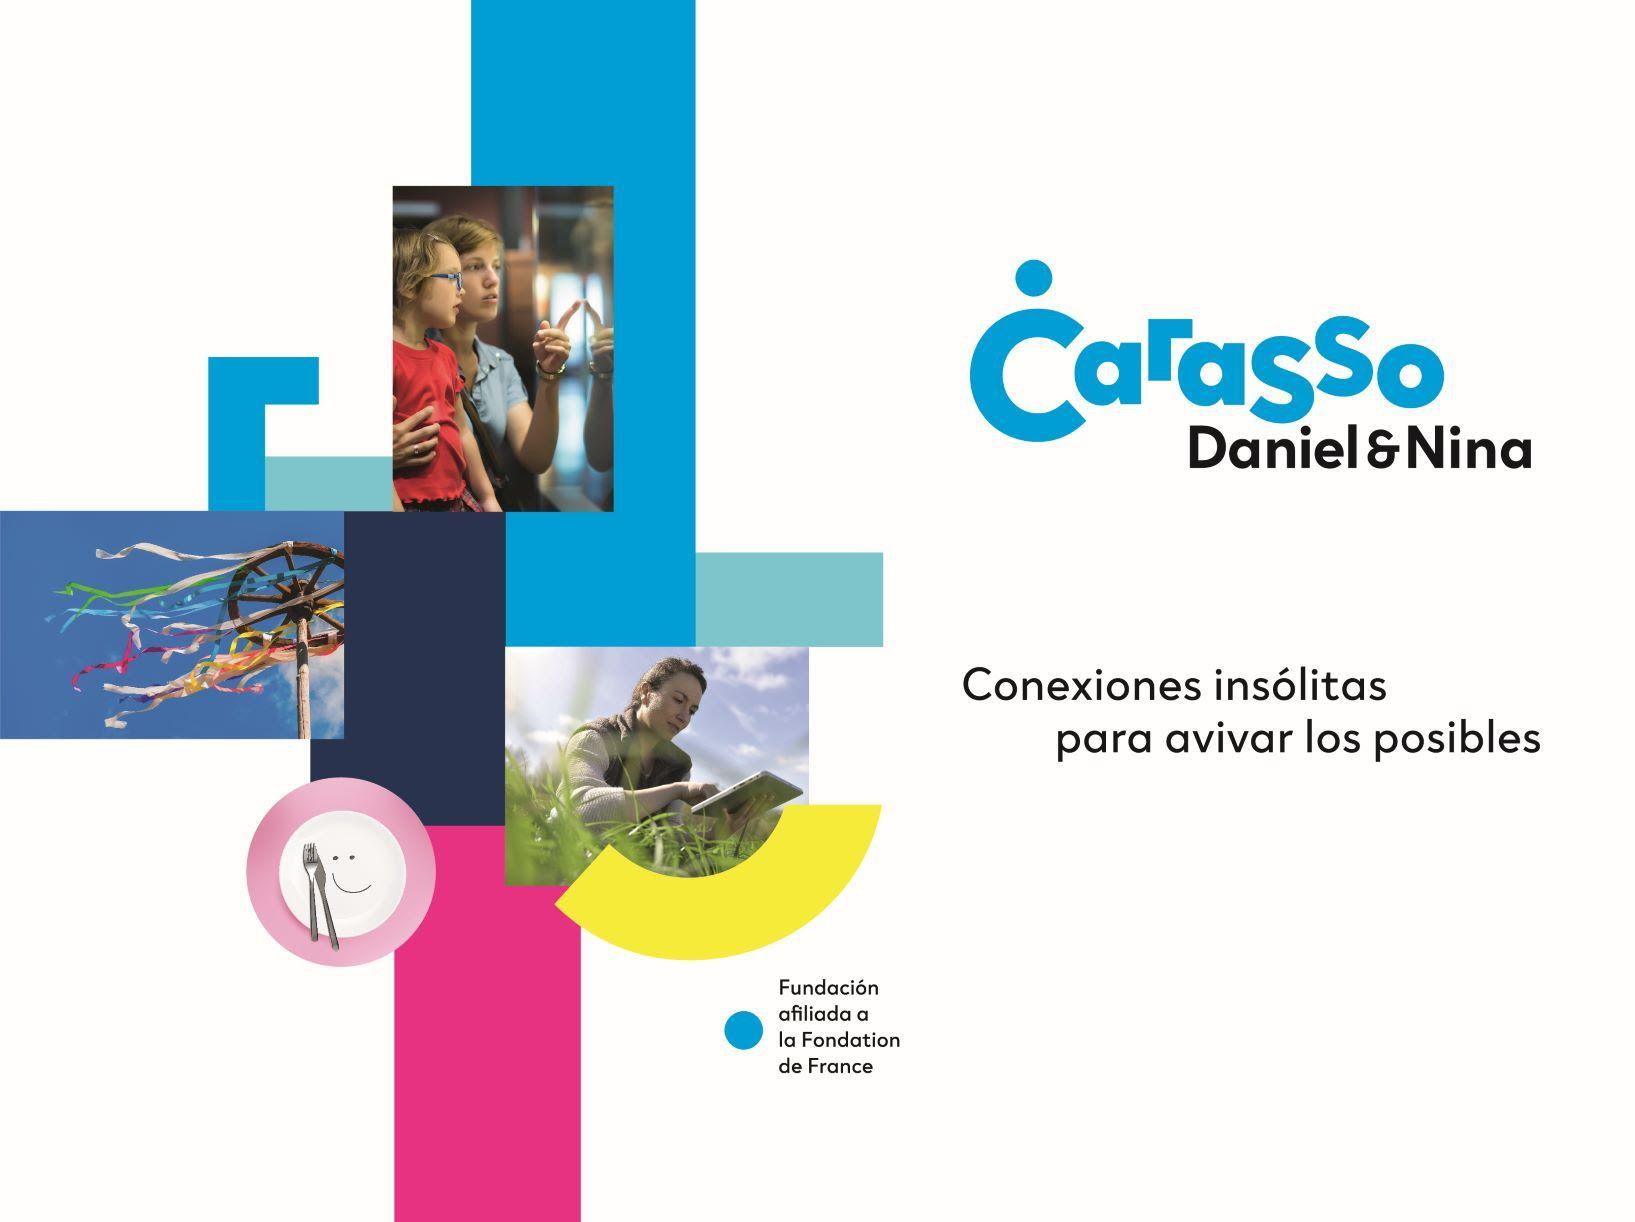 Foto de Fundación Carasso